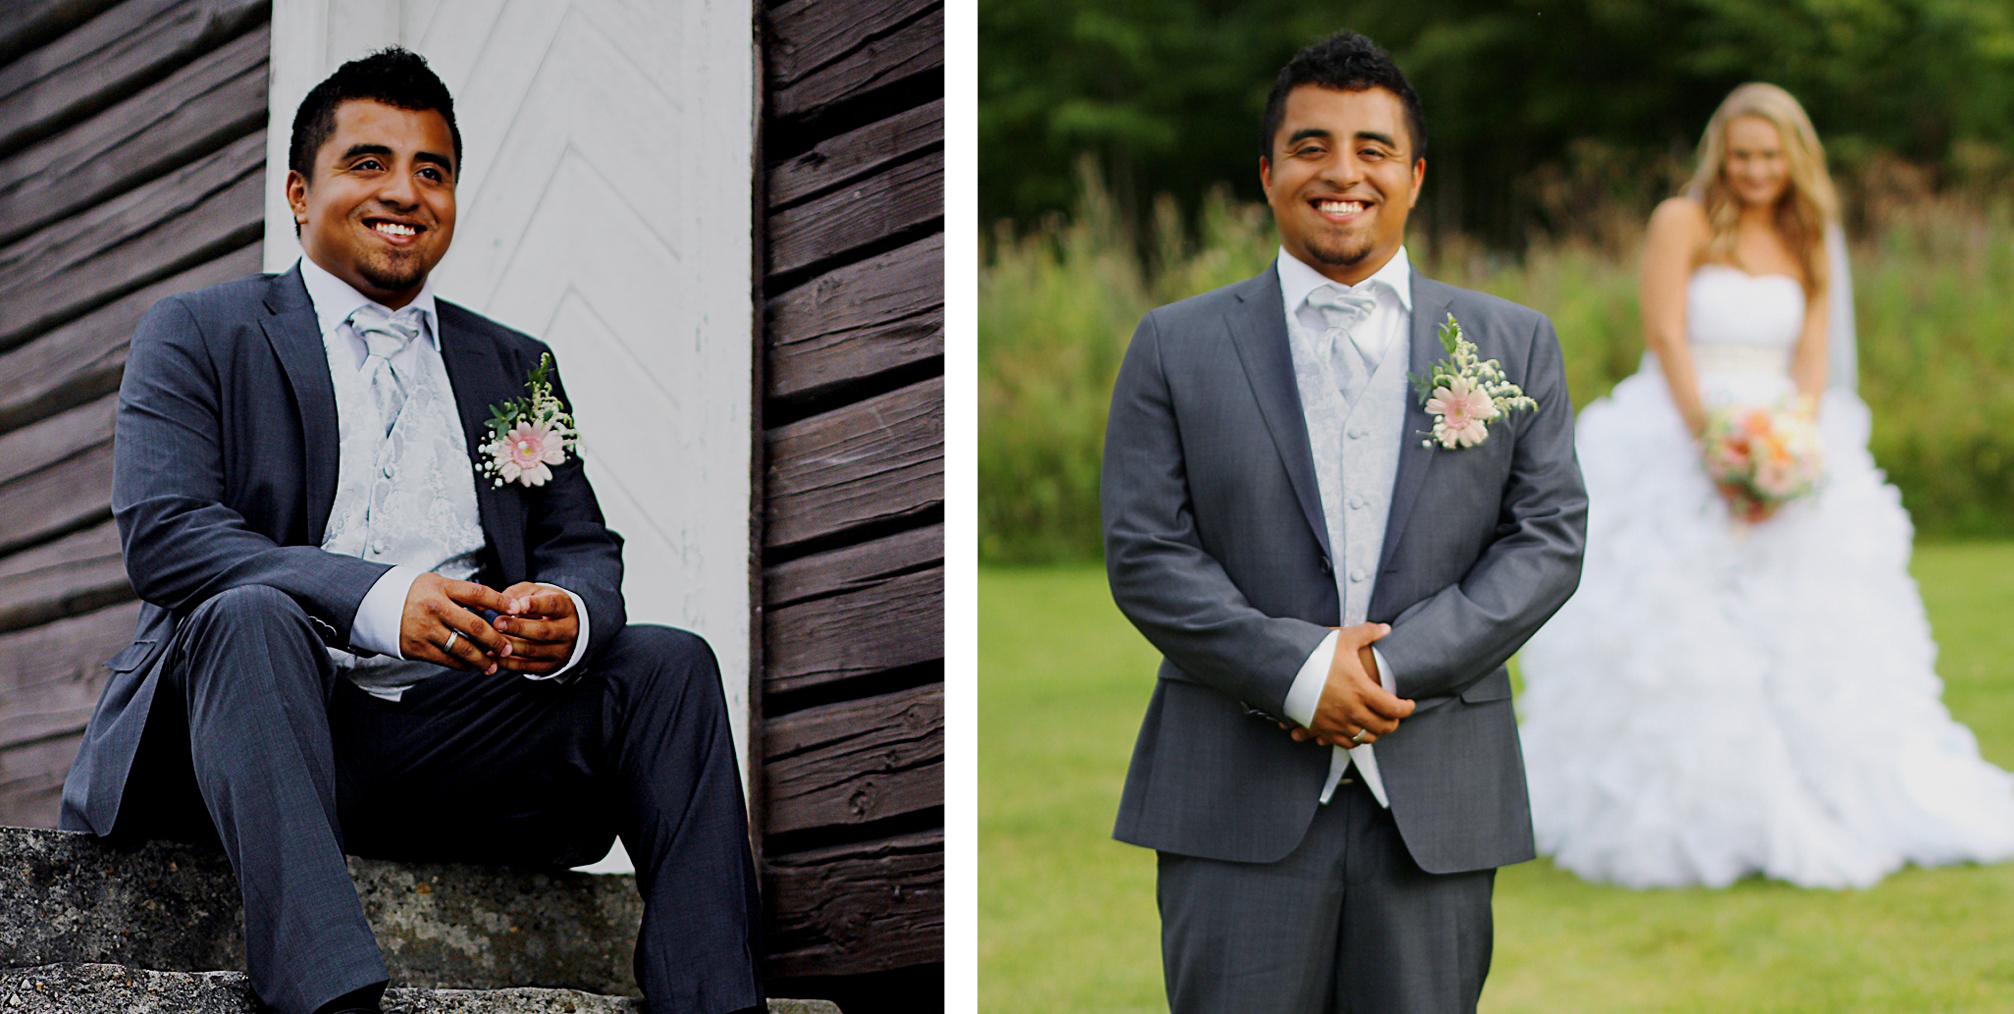 hvordan oppleves bryllupet for brudgommen?